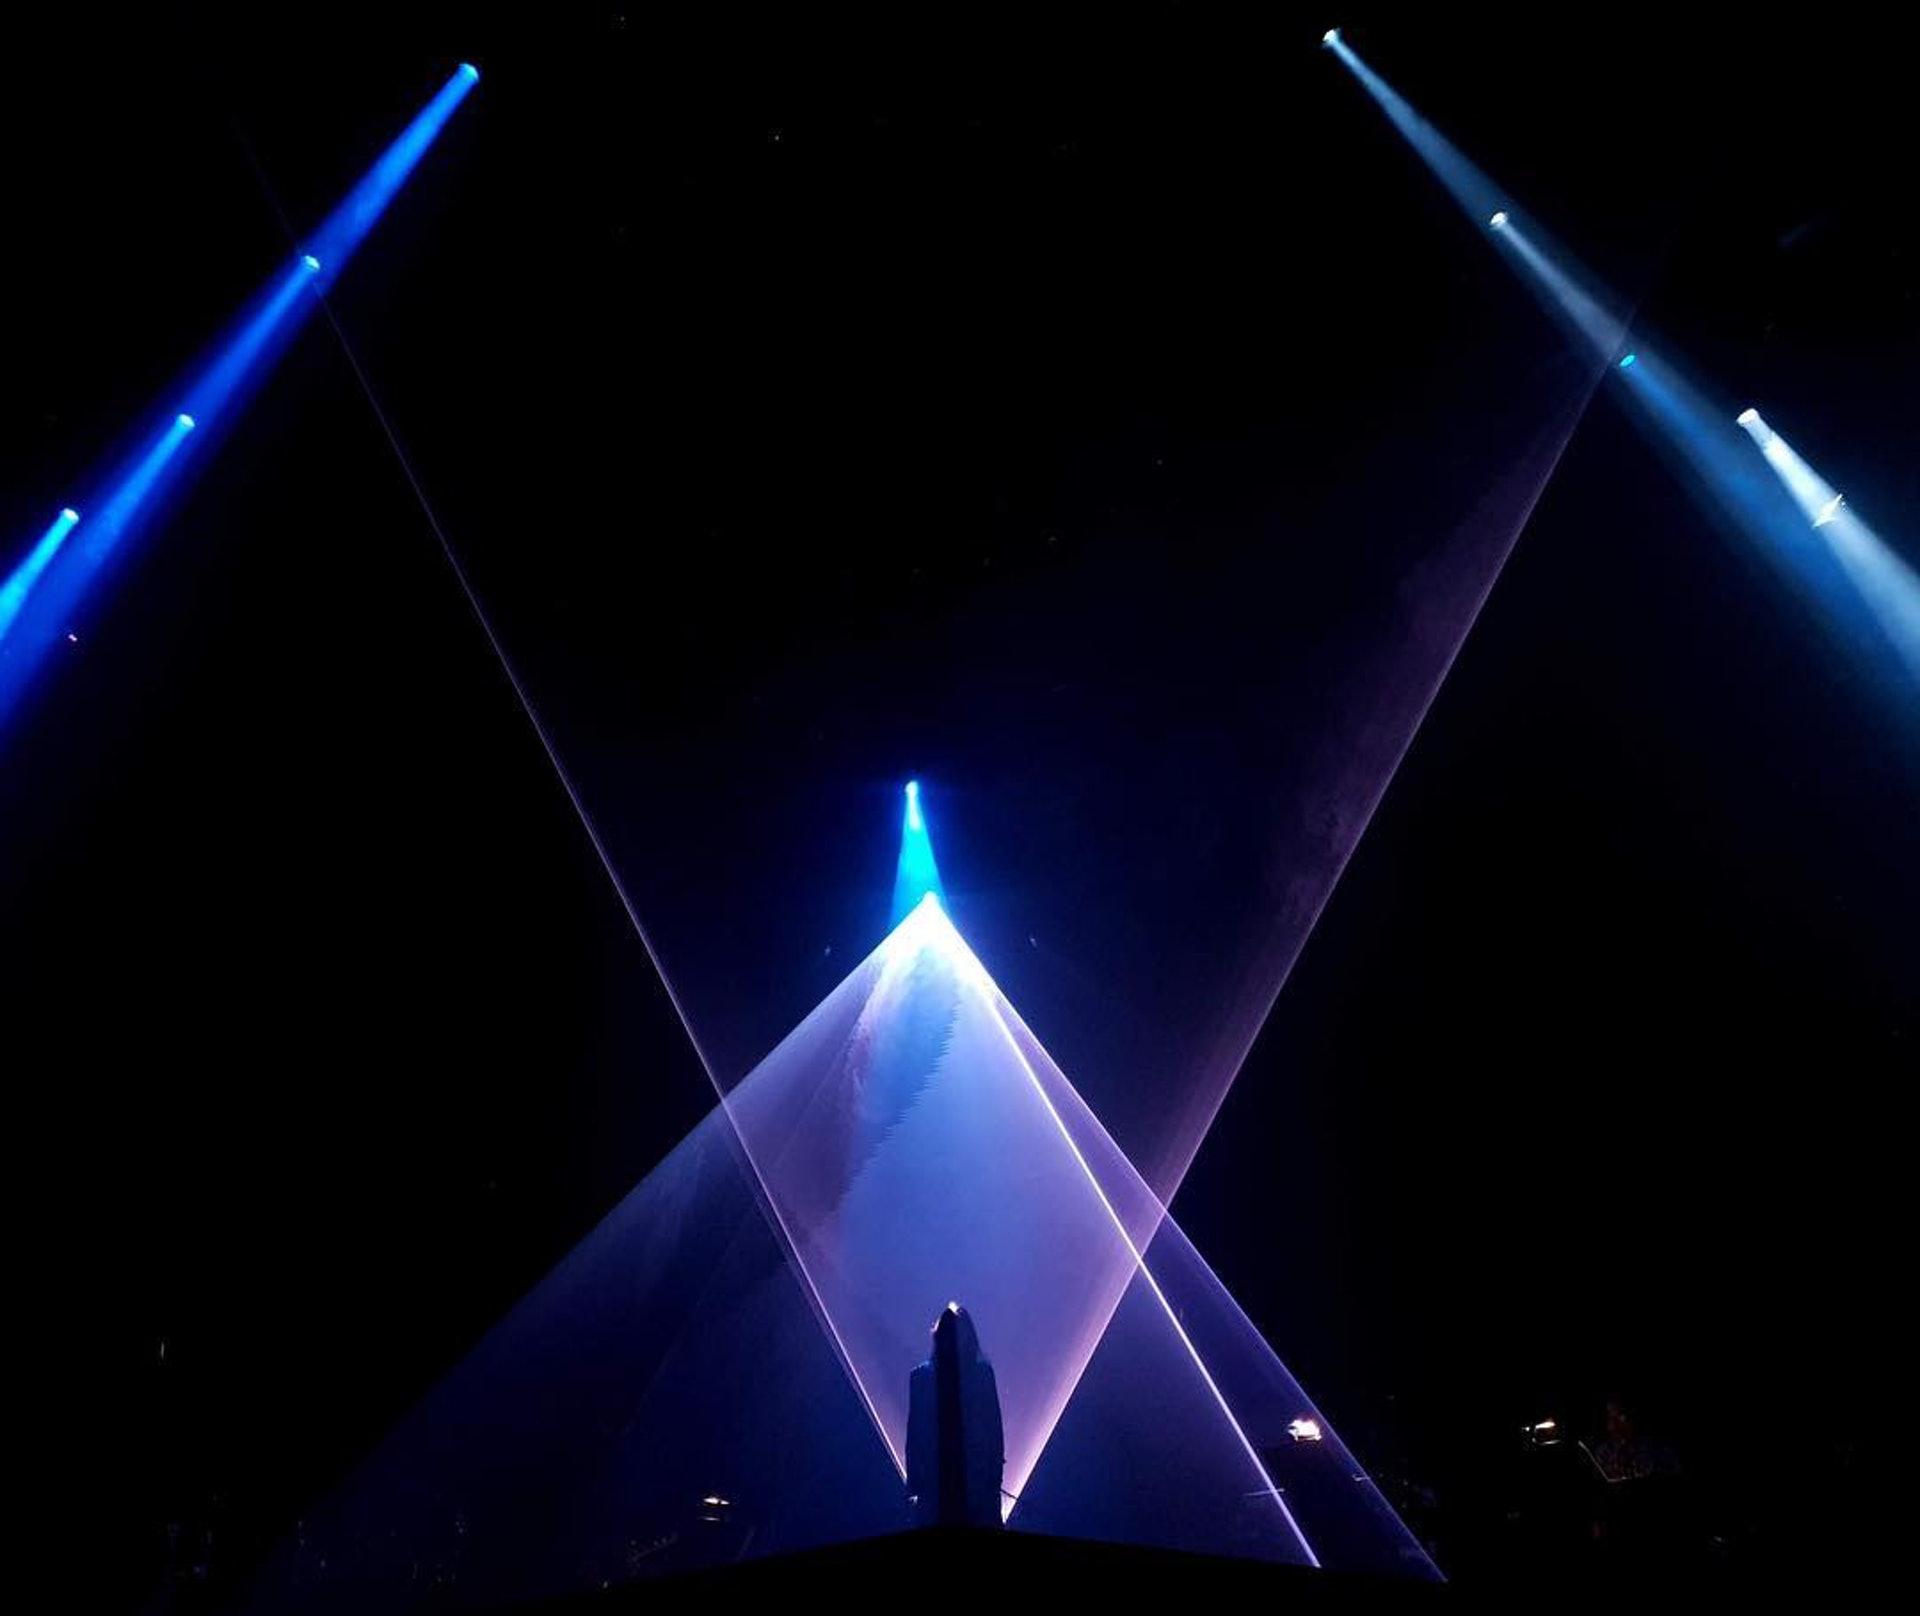 配上一個風格簡約但視效與燈效保持精緻的飛碟造型舞台,簡簡單單地演繹出自己喜歡的歌曲,可說是非常「任性」(soulboykhalilfong IG)